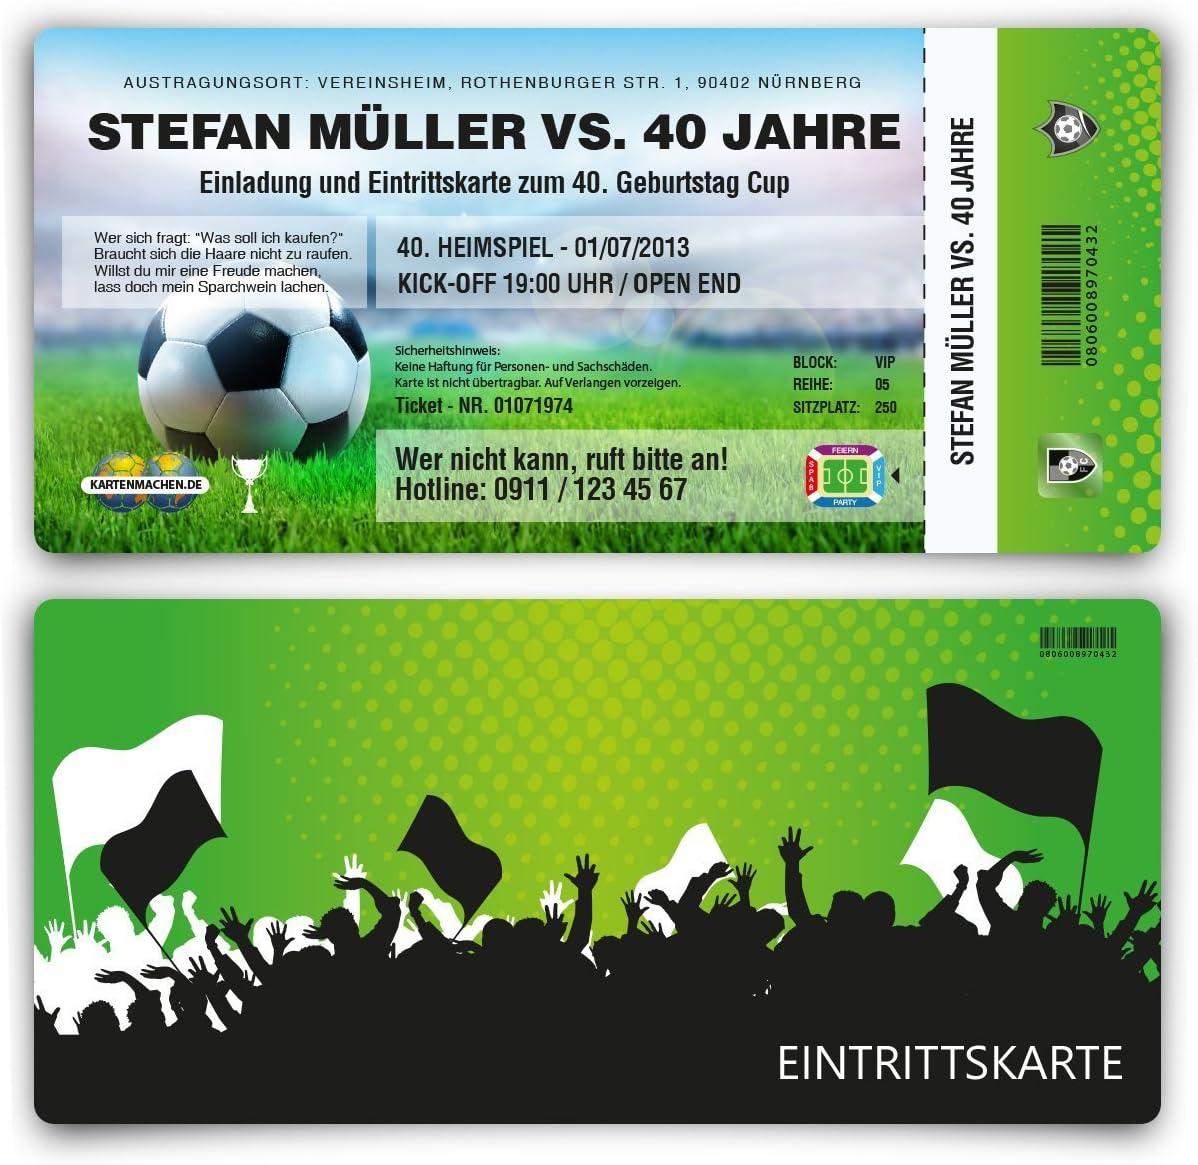 2 x Abriss Fussball Ticket Einladungskarten zum Geburtstag als Eintrittskarte